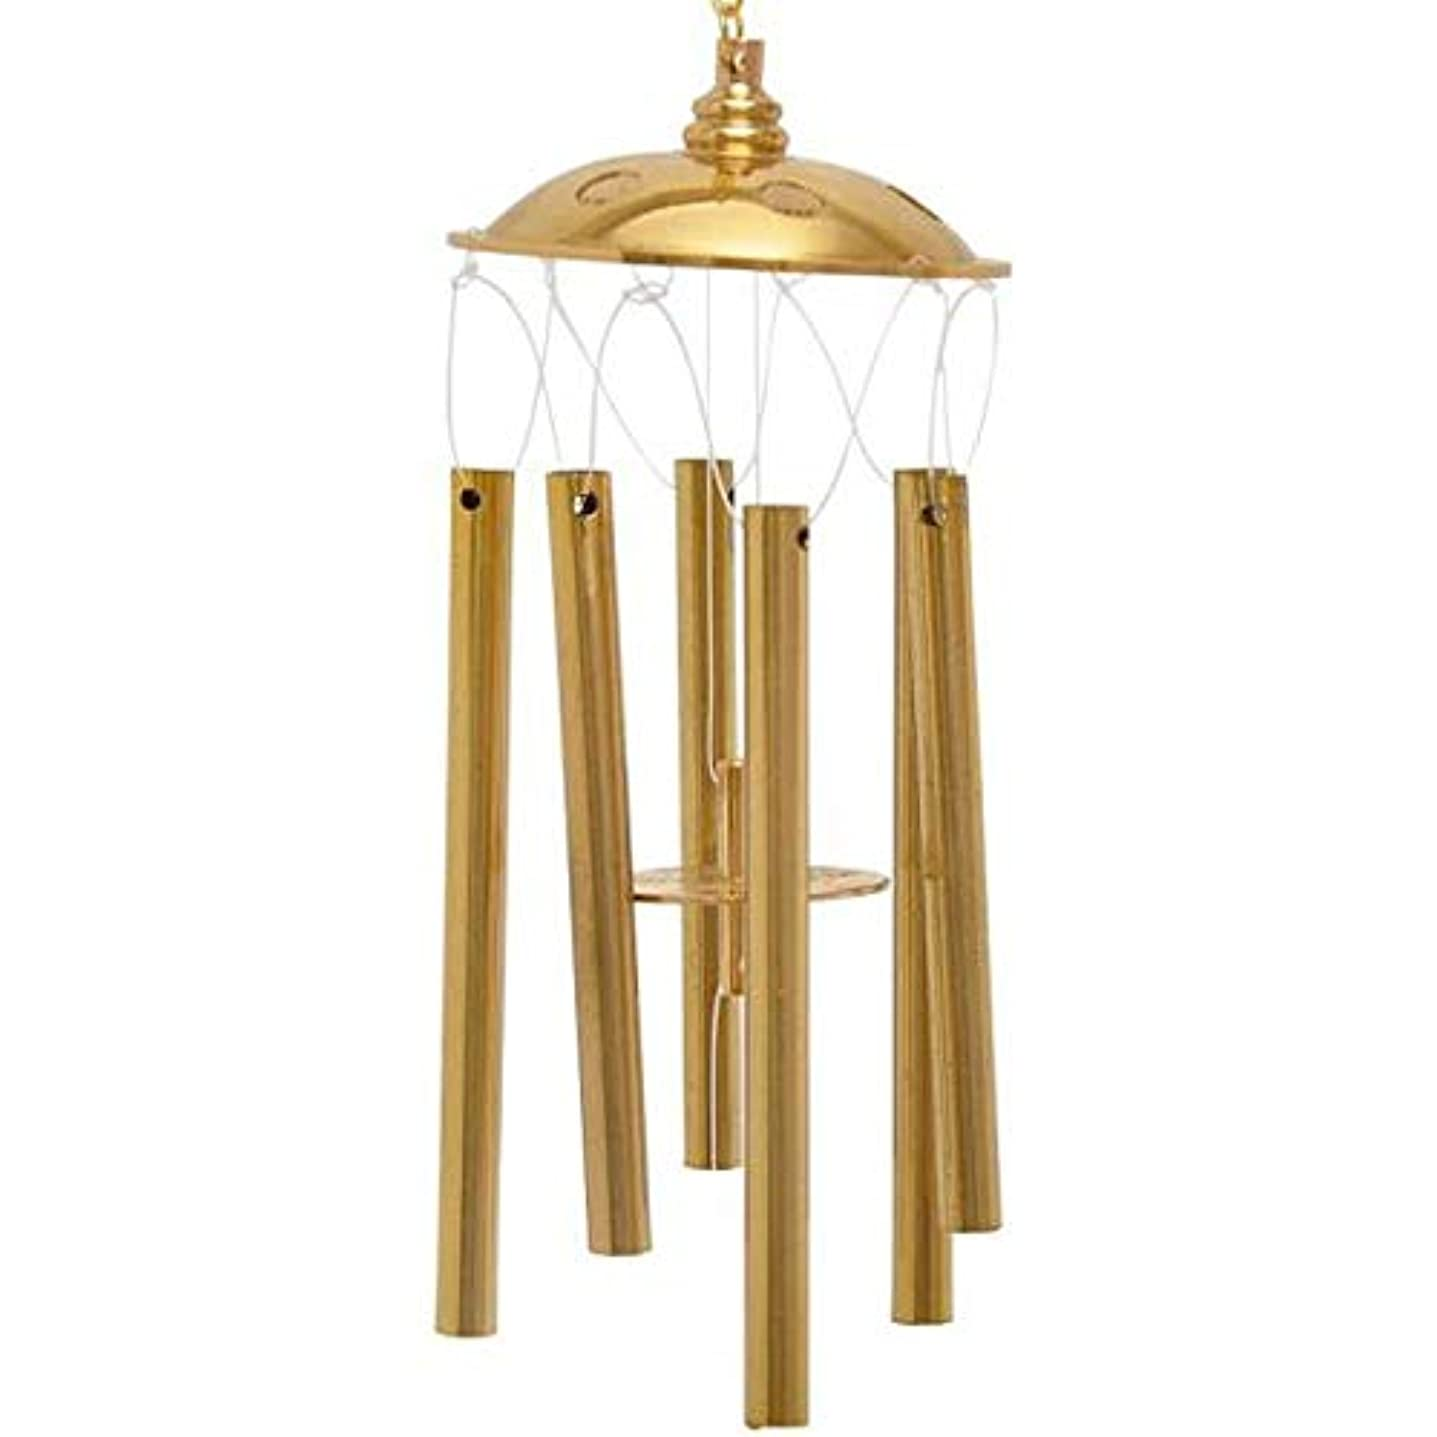 外交問題ブリリアントかもめKaiyitong01 風チャイム、真鍮ホームデコレーション6チューブ風の鐘、ゴールド、全長約22CM,絶妙なファッション (Size : 36cm)